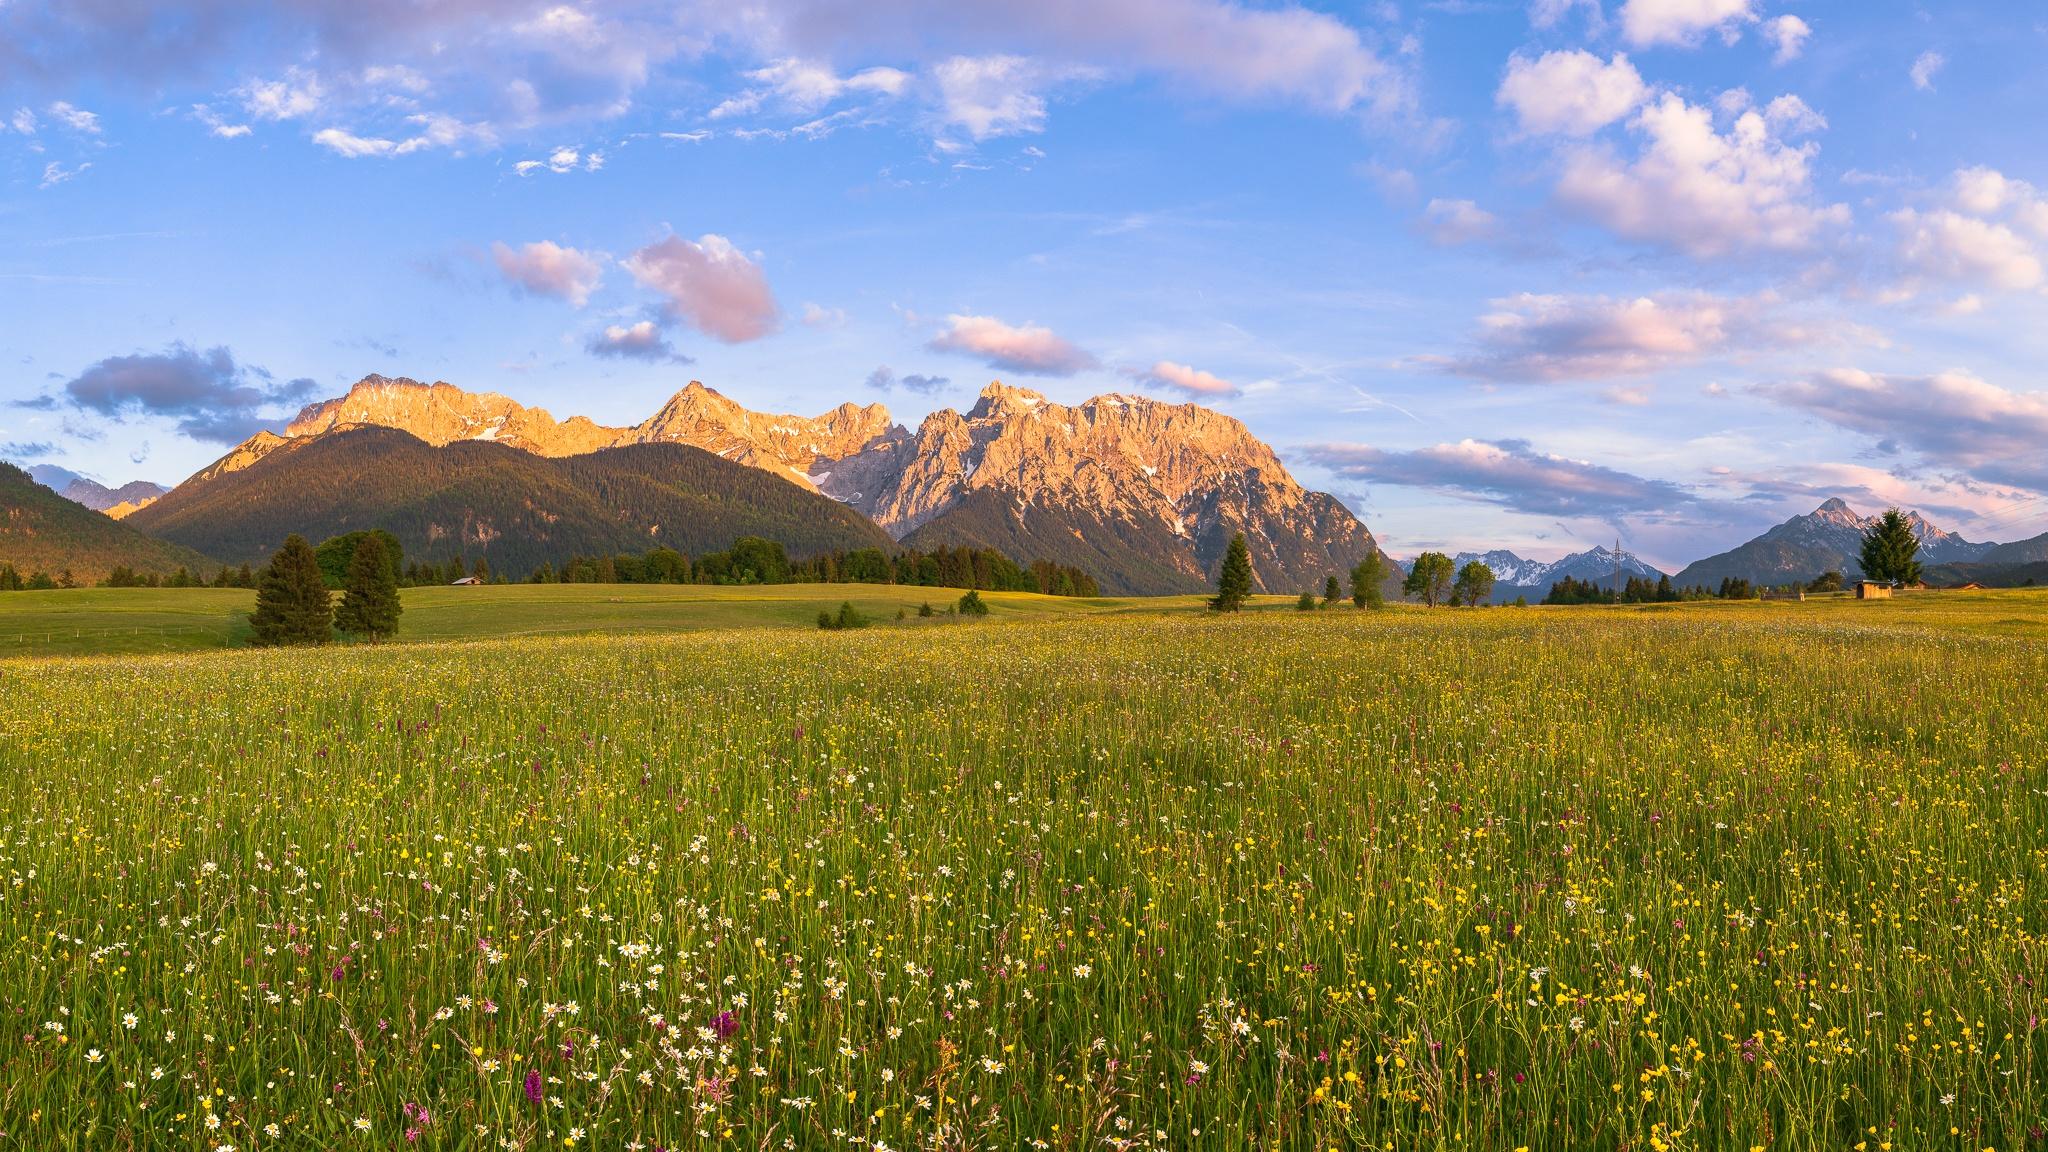 Blumenwiese auf den Buckelwiesen zwischen Krün und Mittenwald. In der Wiese sind Margeriten, Rote Lichtnelke, Scharfer Hahnenfuß & Knabenkraut.